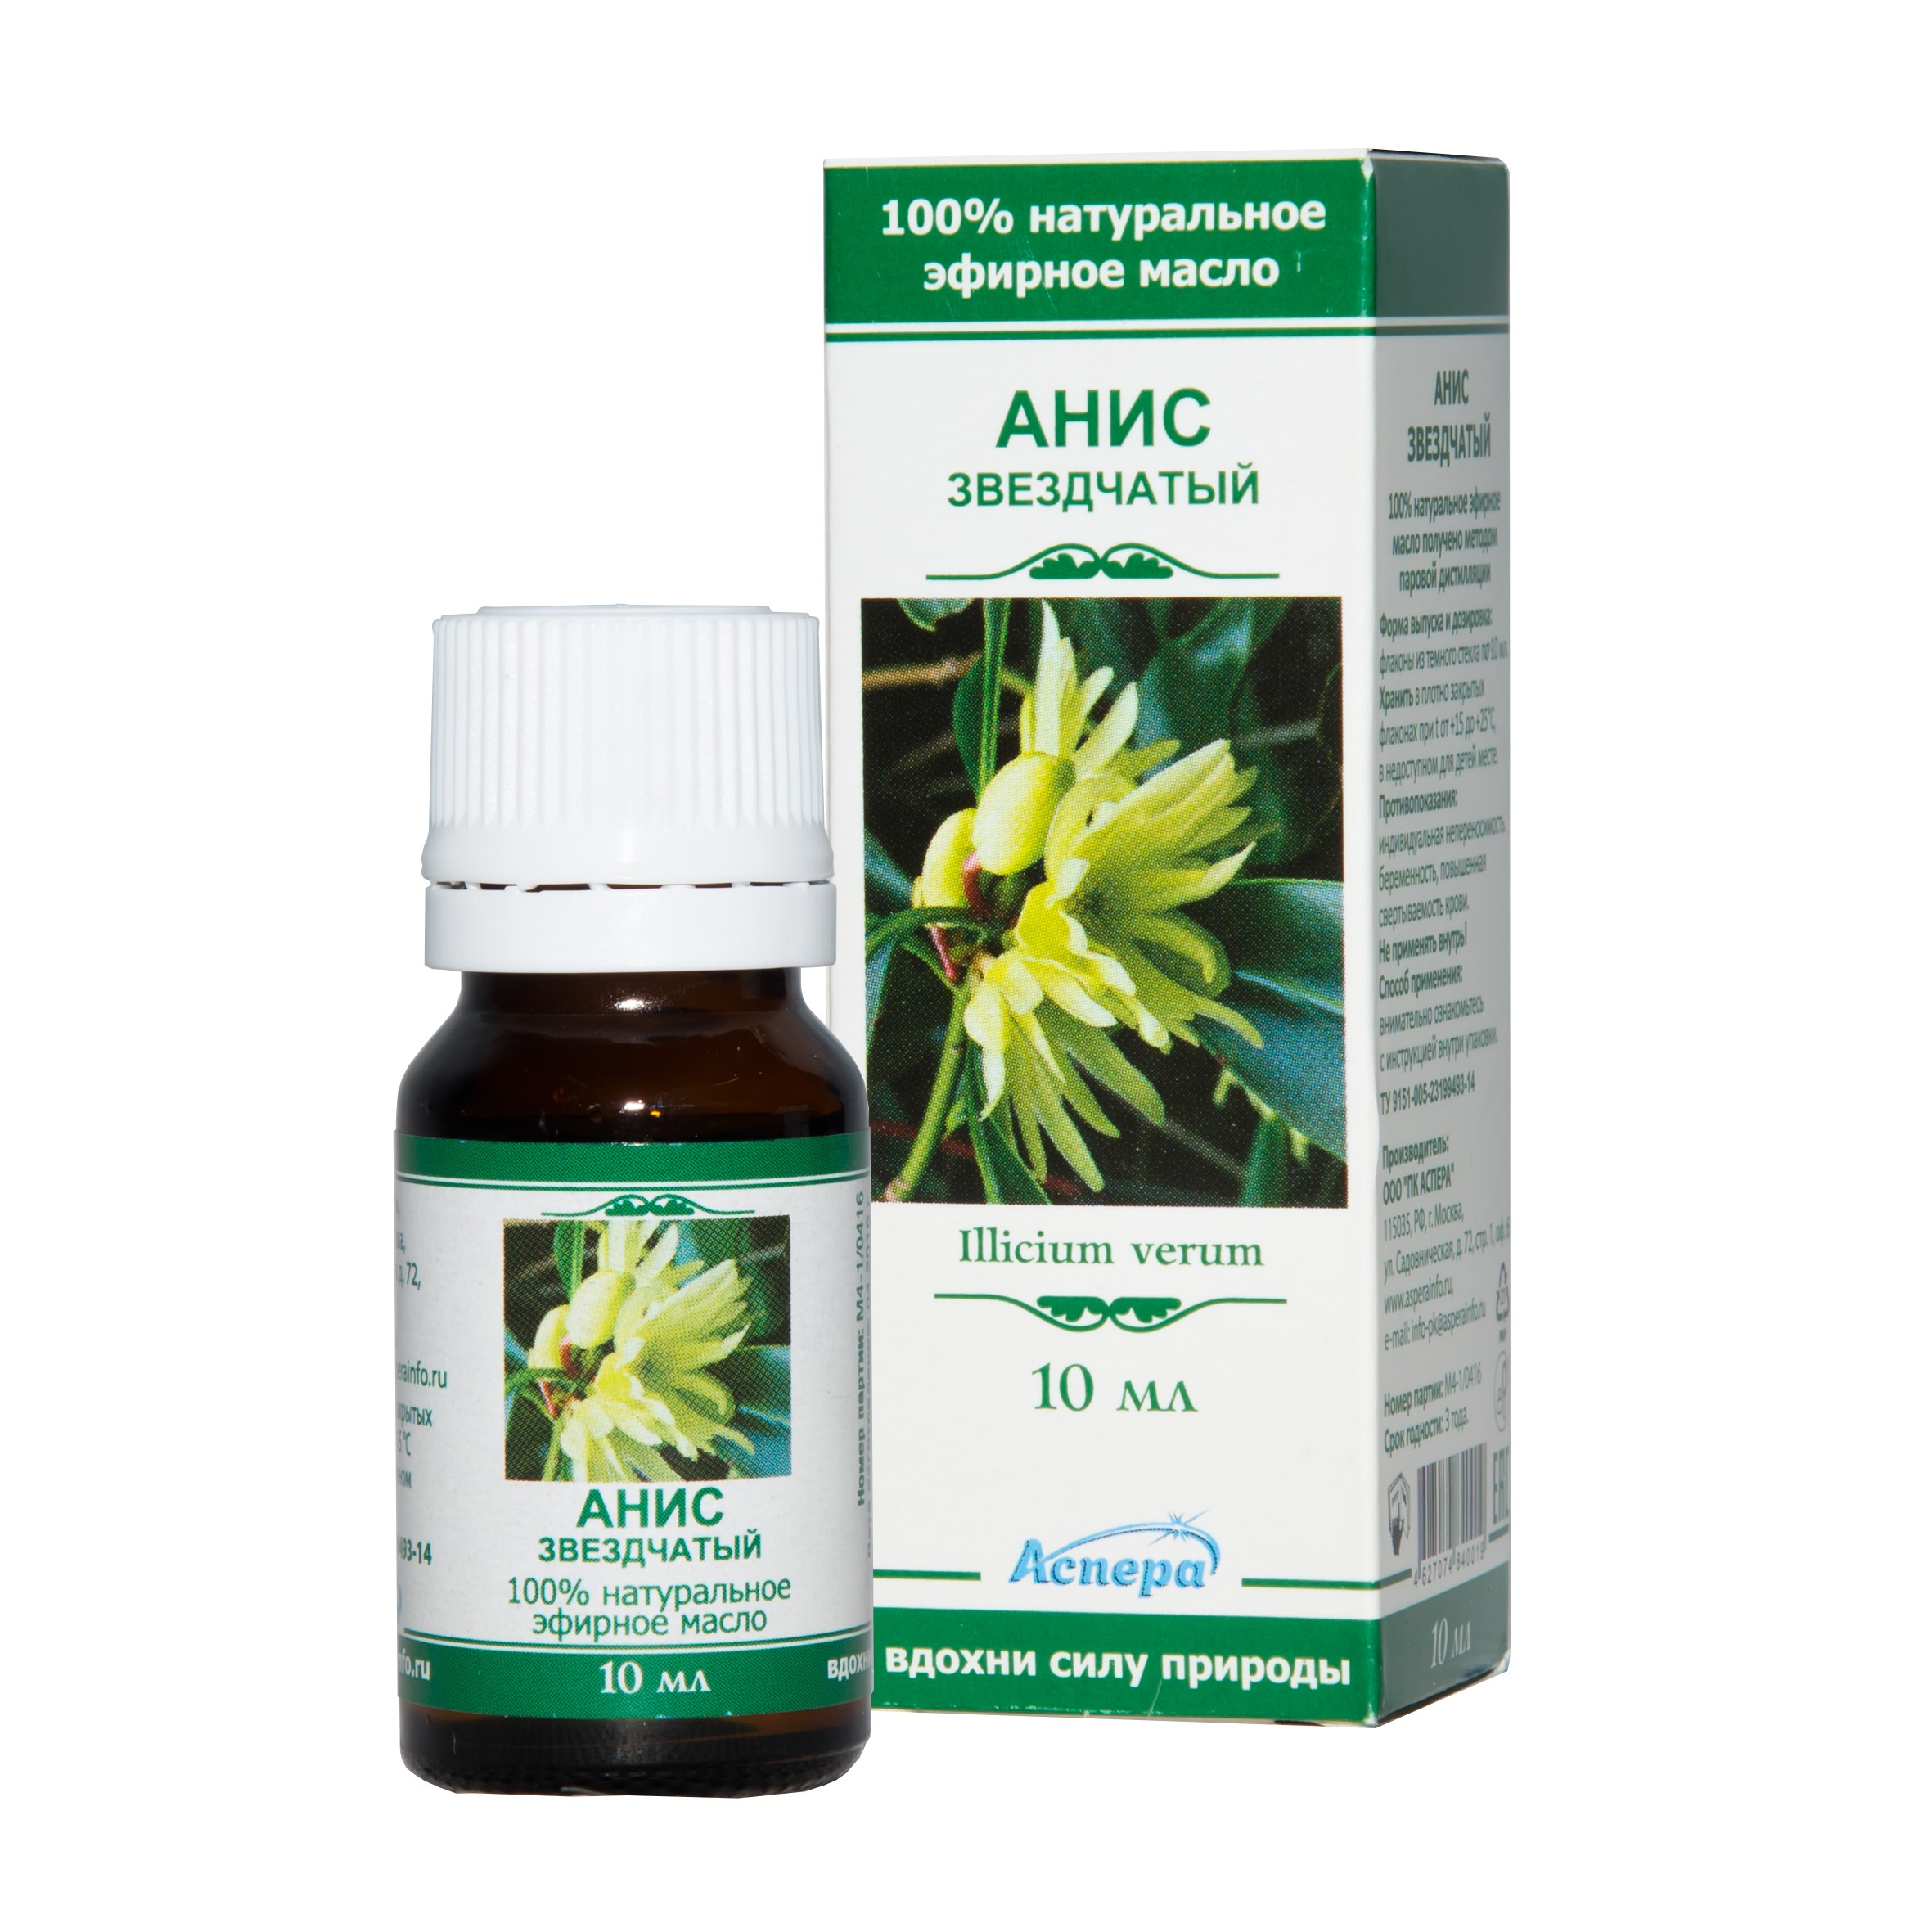 Аспера масло аниса звездчатого эфирное фл. 10мл